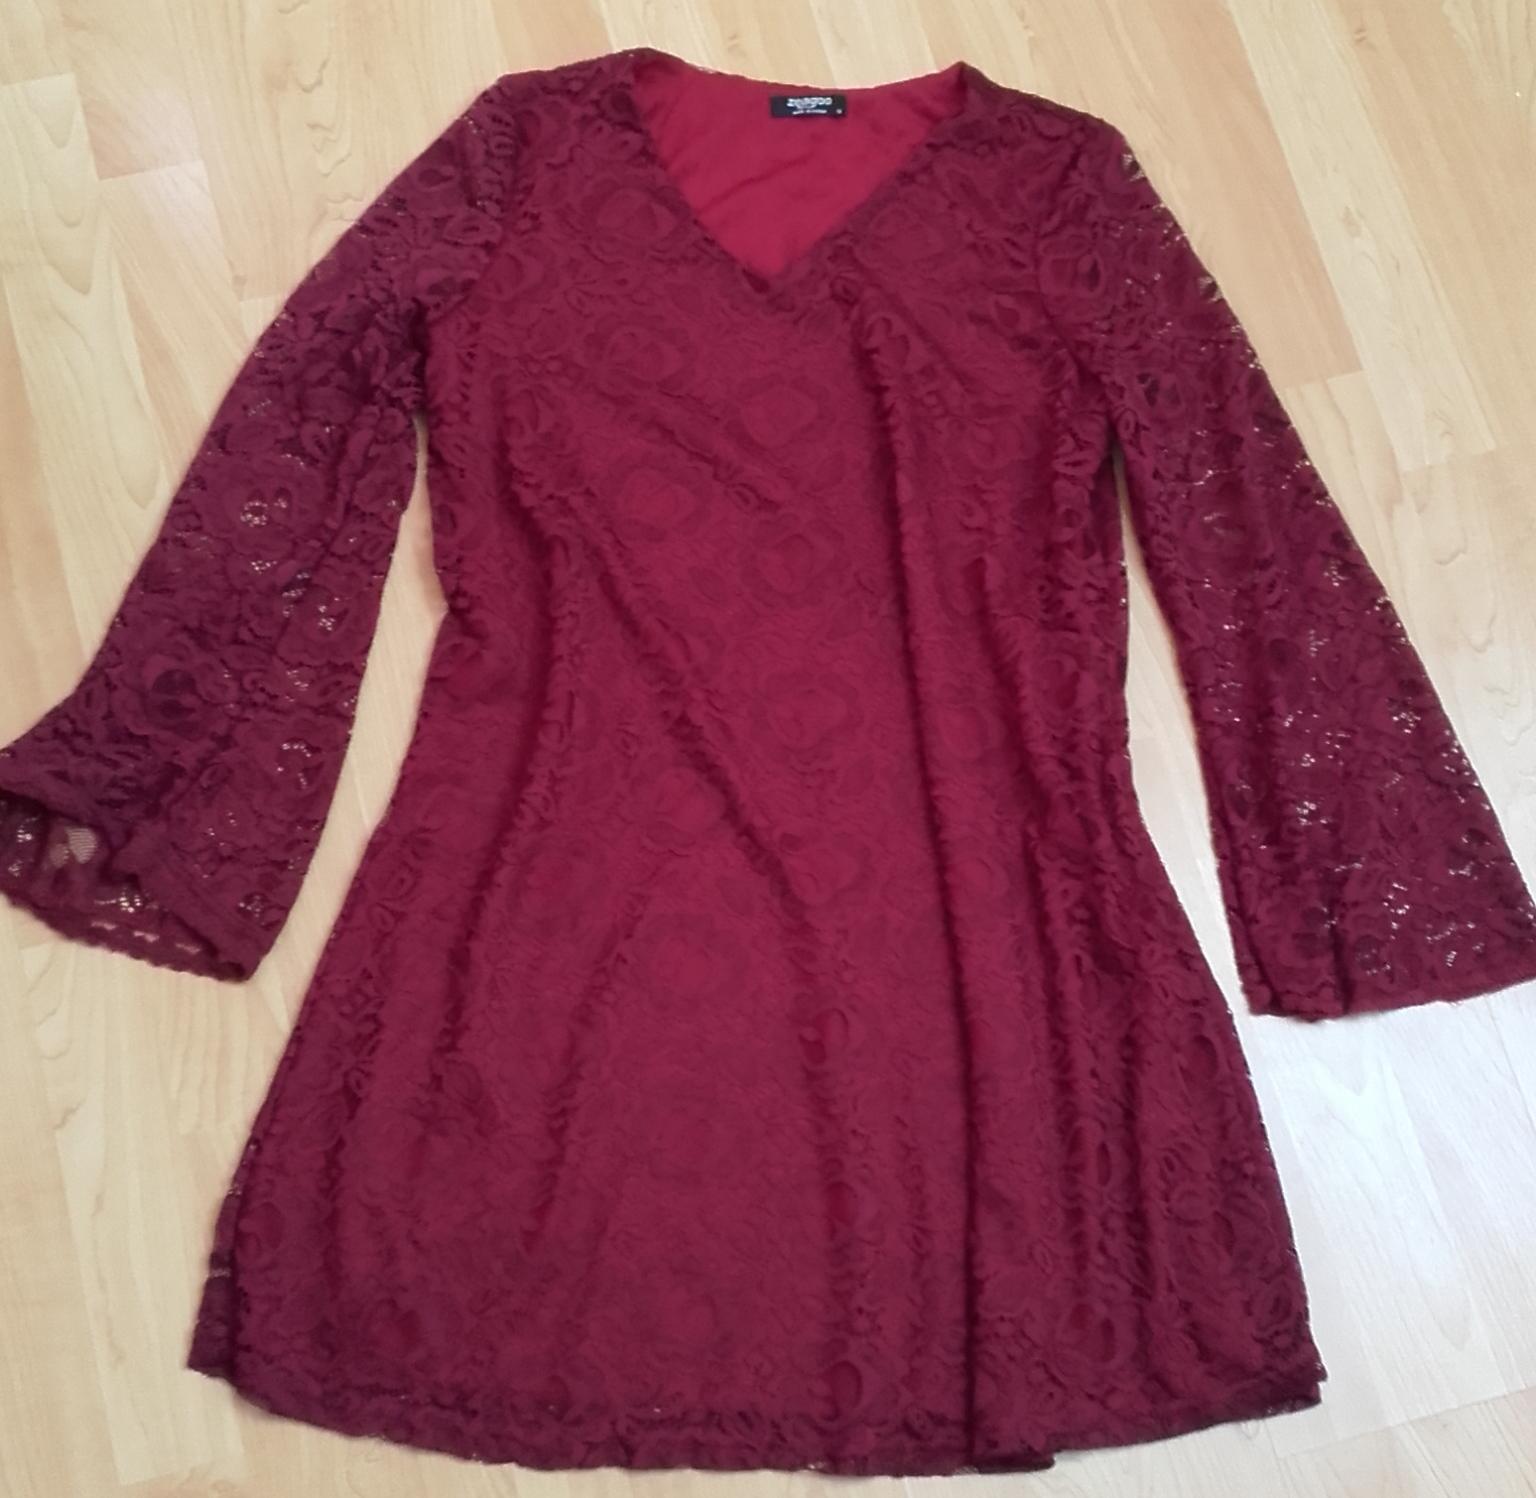 Šaty krajkové  - Obrázek č. 1